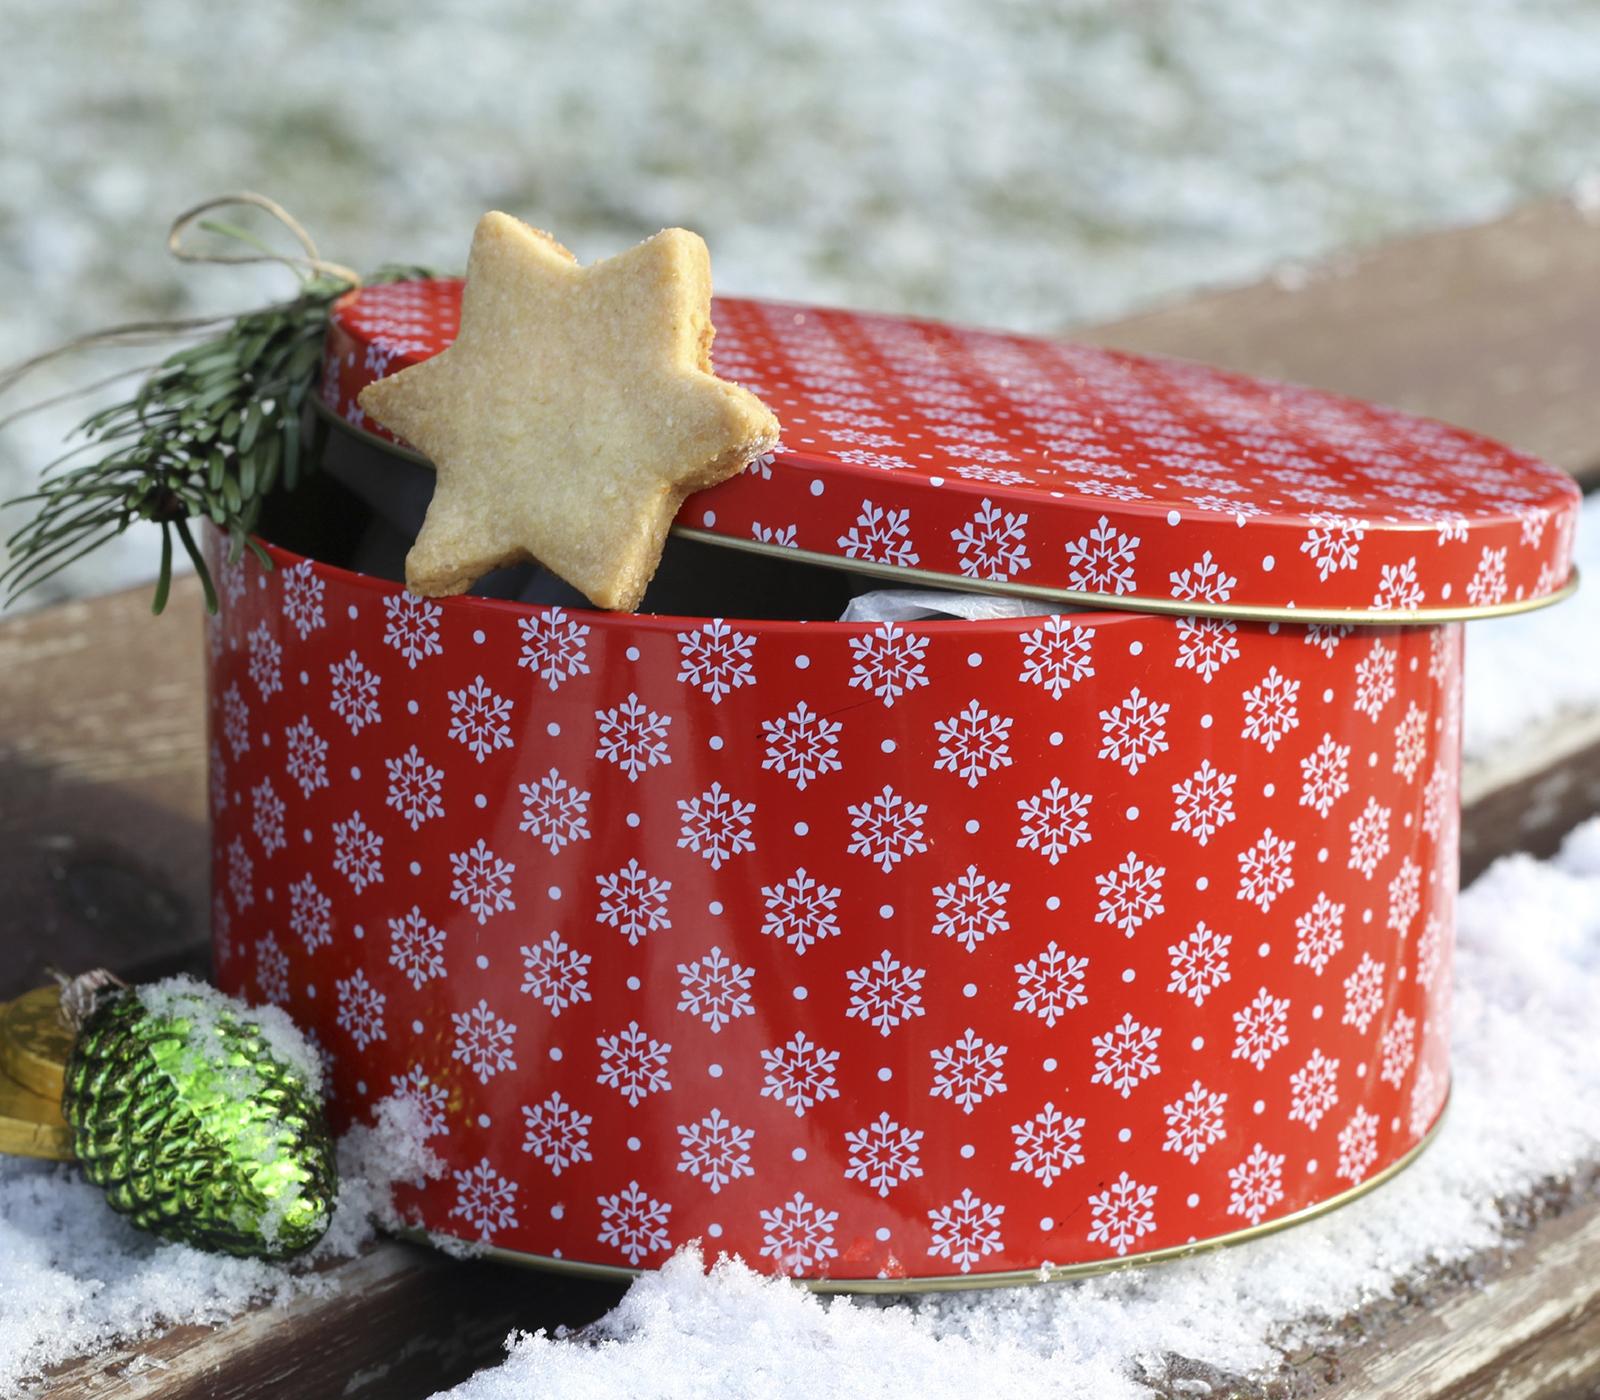 weihnachtsguetzli richtig aufbewahren annemarie wildeisen 39 s kochen. Black Bedroom Furniture Sets. Home Design Ideas